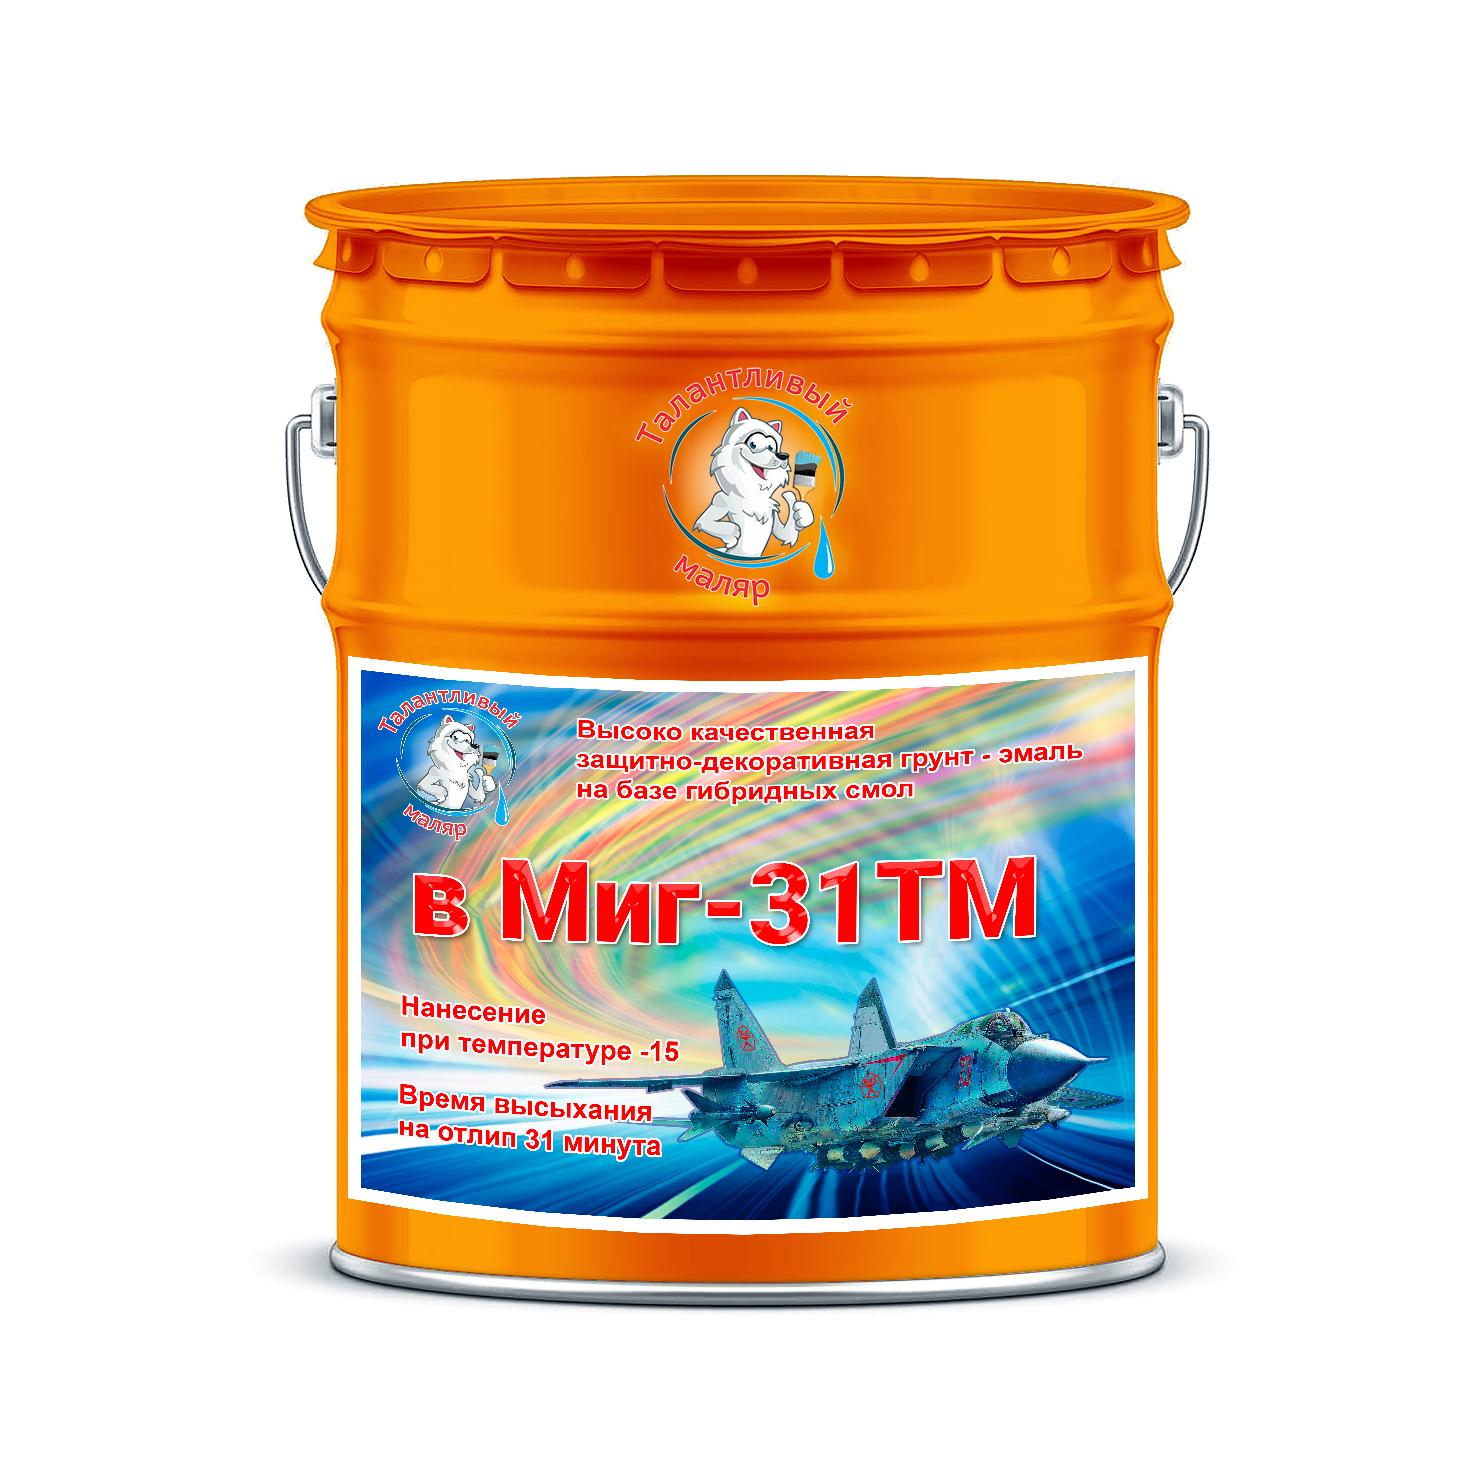 """Фото 12 - Грунт-Эмаль Премиум  """"ВМИГ - 31 ТМ"""" цвет RAL 2004 Оранжевый, полуглянцевая, быстросохнущая, морозостойкая, на базе гибридных смол, по ржавчине 3 в 1, 20 кг """"Талантливый Маляр""""."""